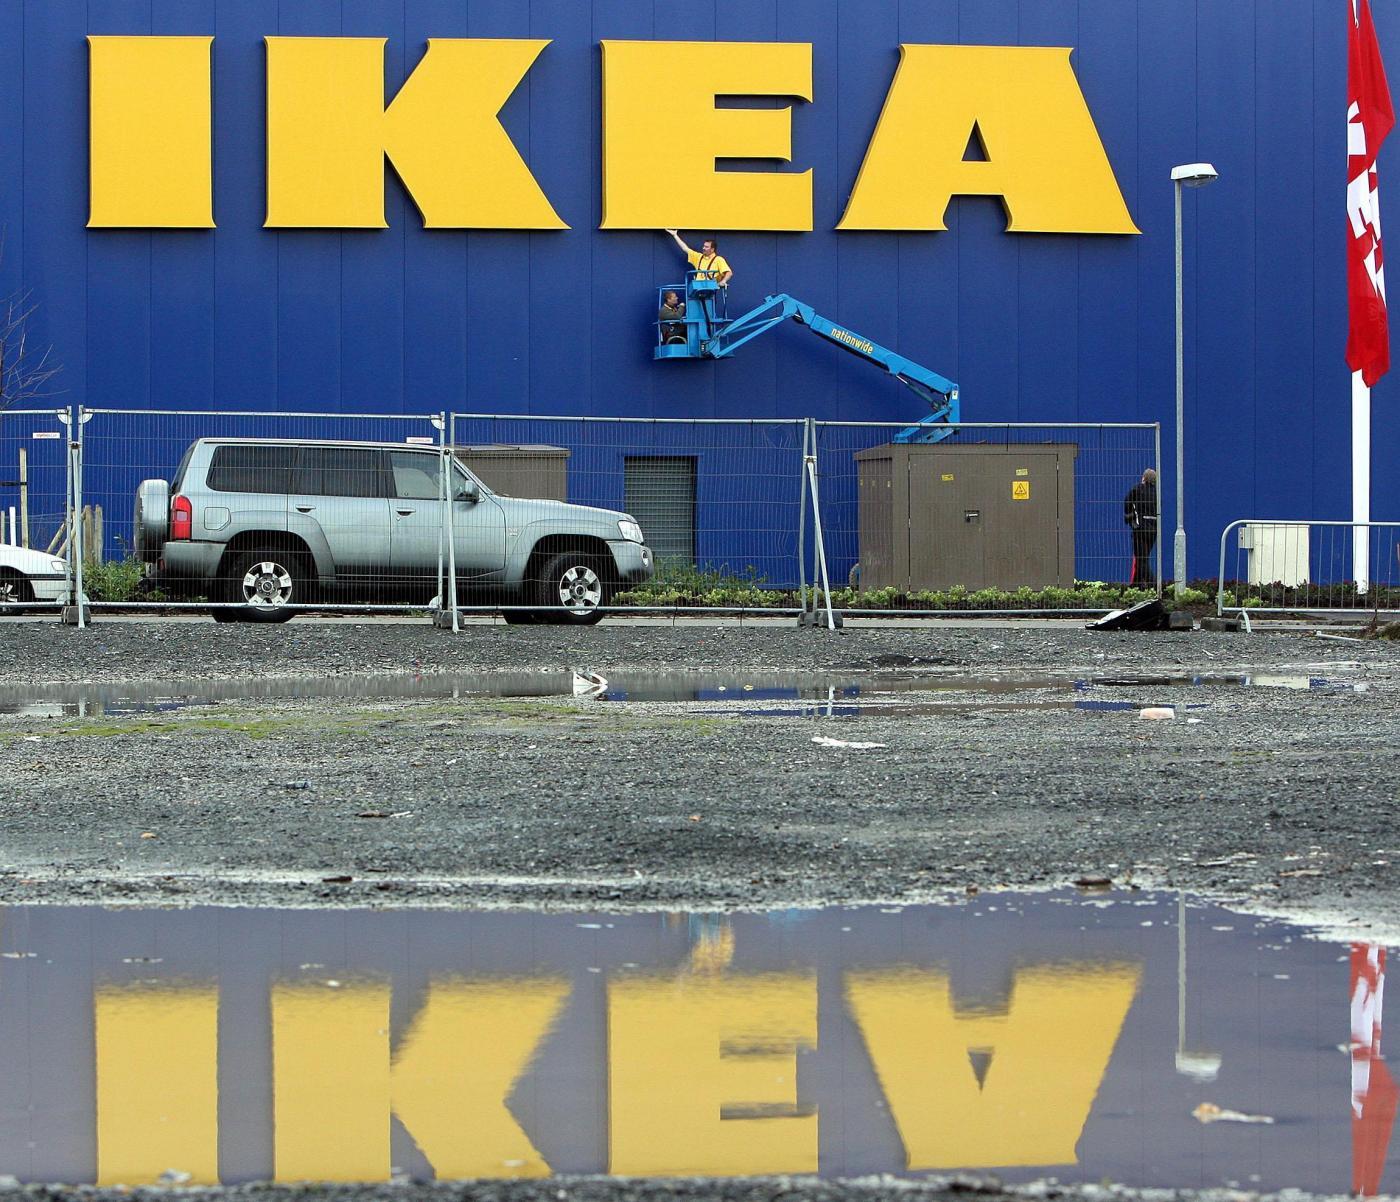 Ikea Giochi: Giochi che imitano i grandi cucina o bancherella. Ikea bambini soluzioni per tutti ...